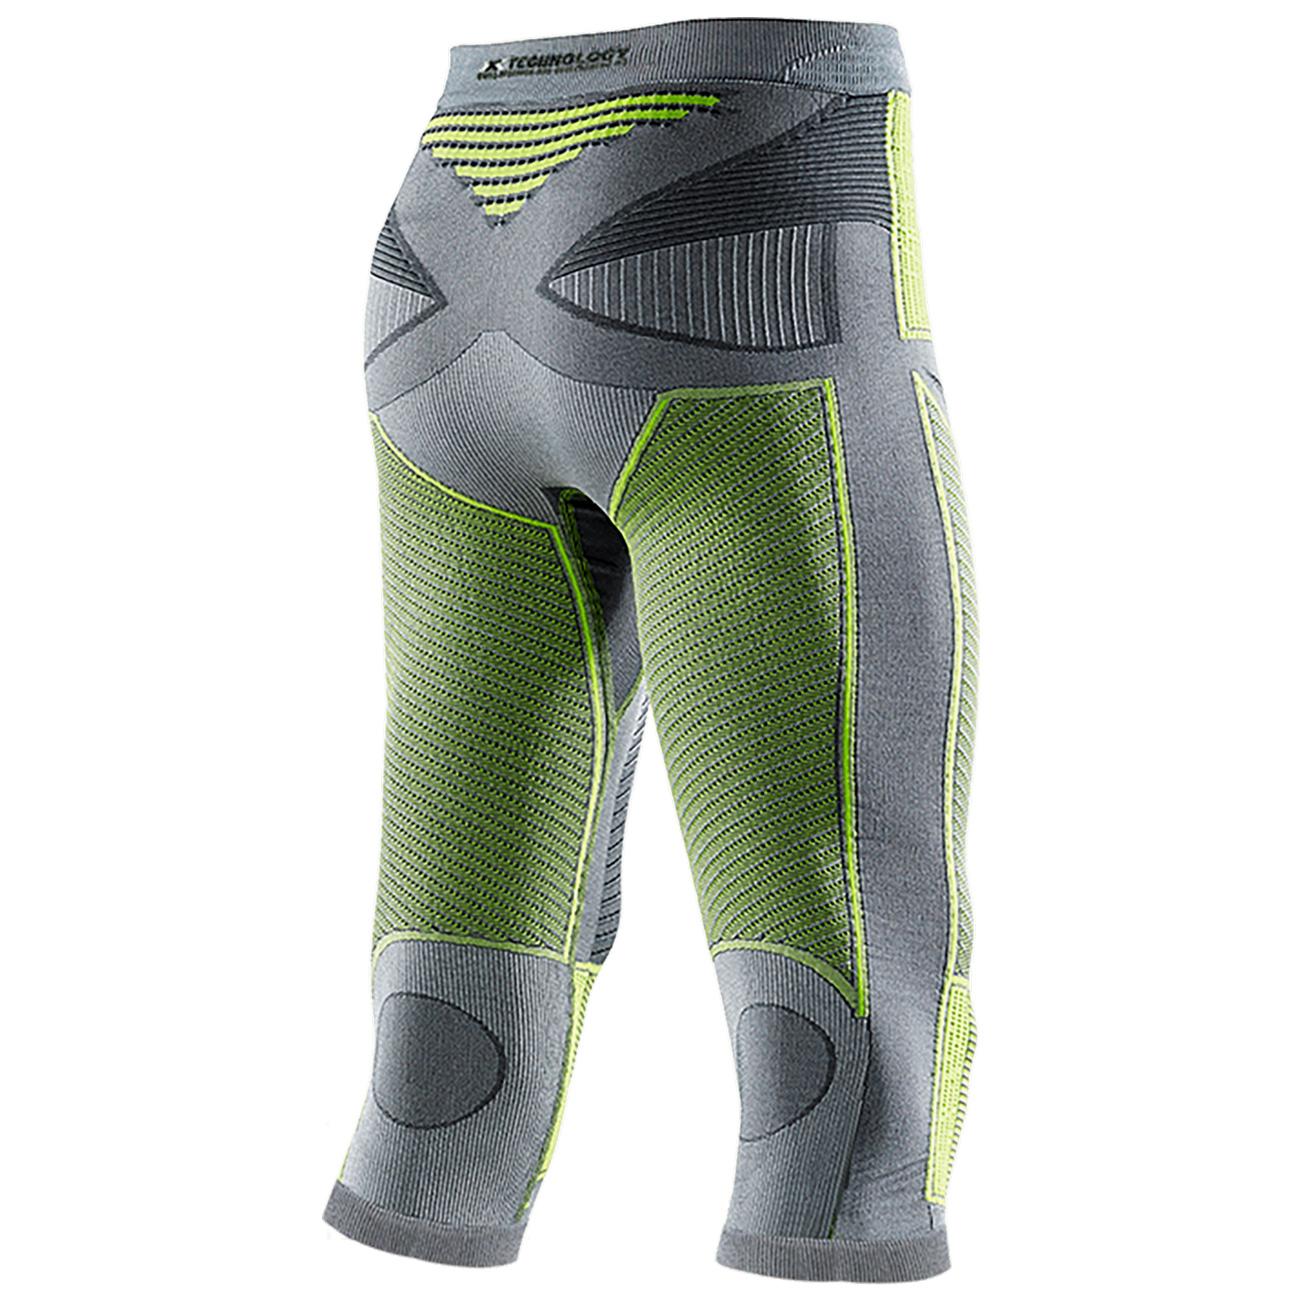 Фото 2 - Мужские термокальсоны средней длины  X-Bionic®  Radiactor™ EVO Medium, Цвет: Iron/Yellow